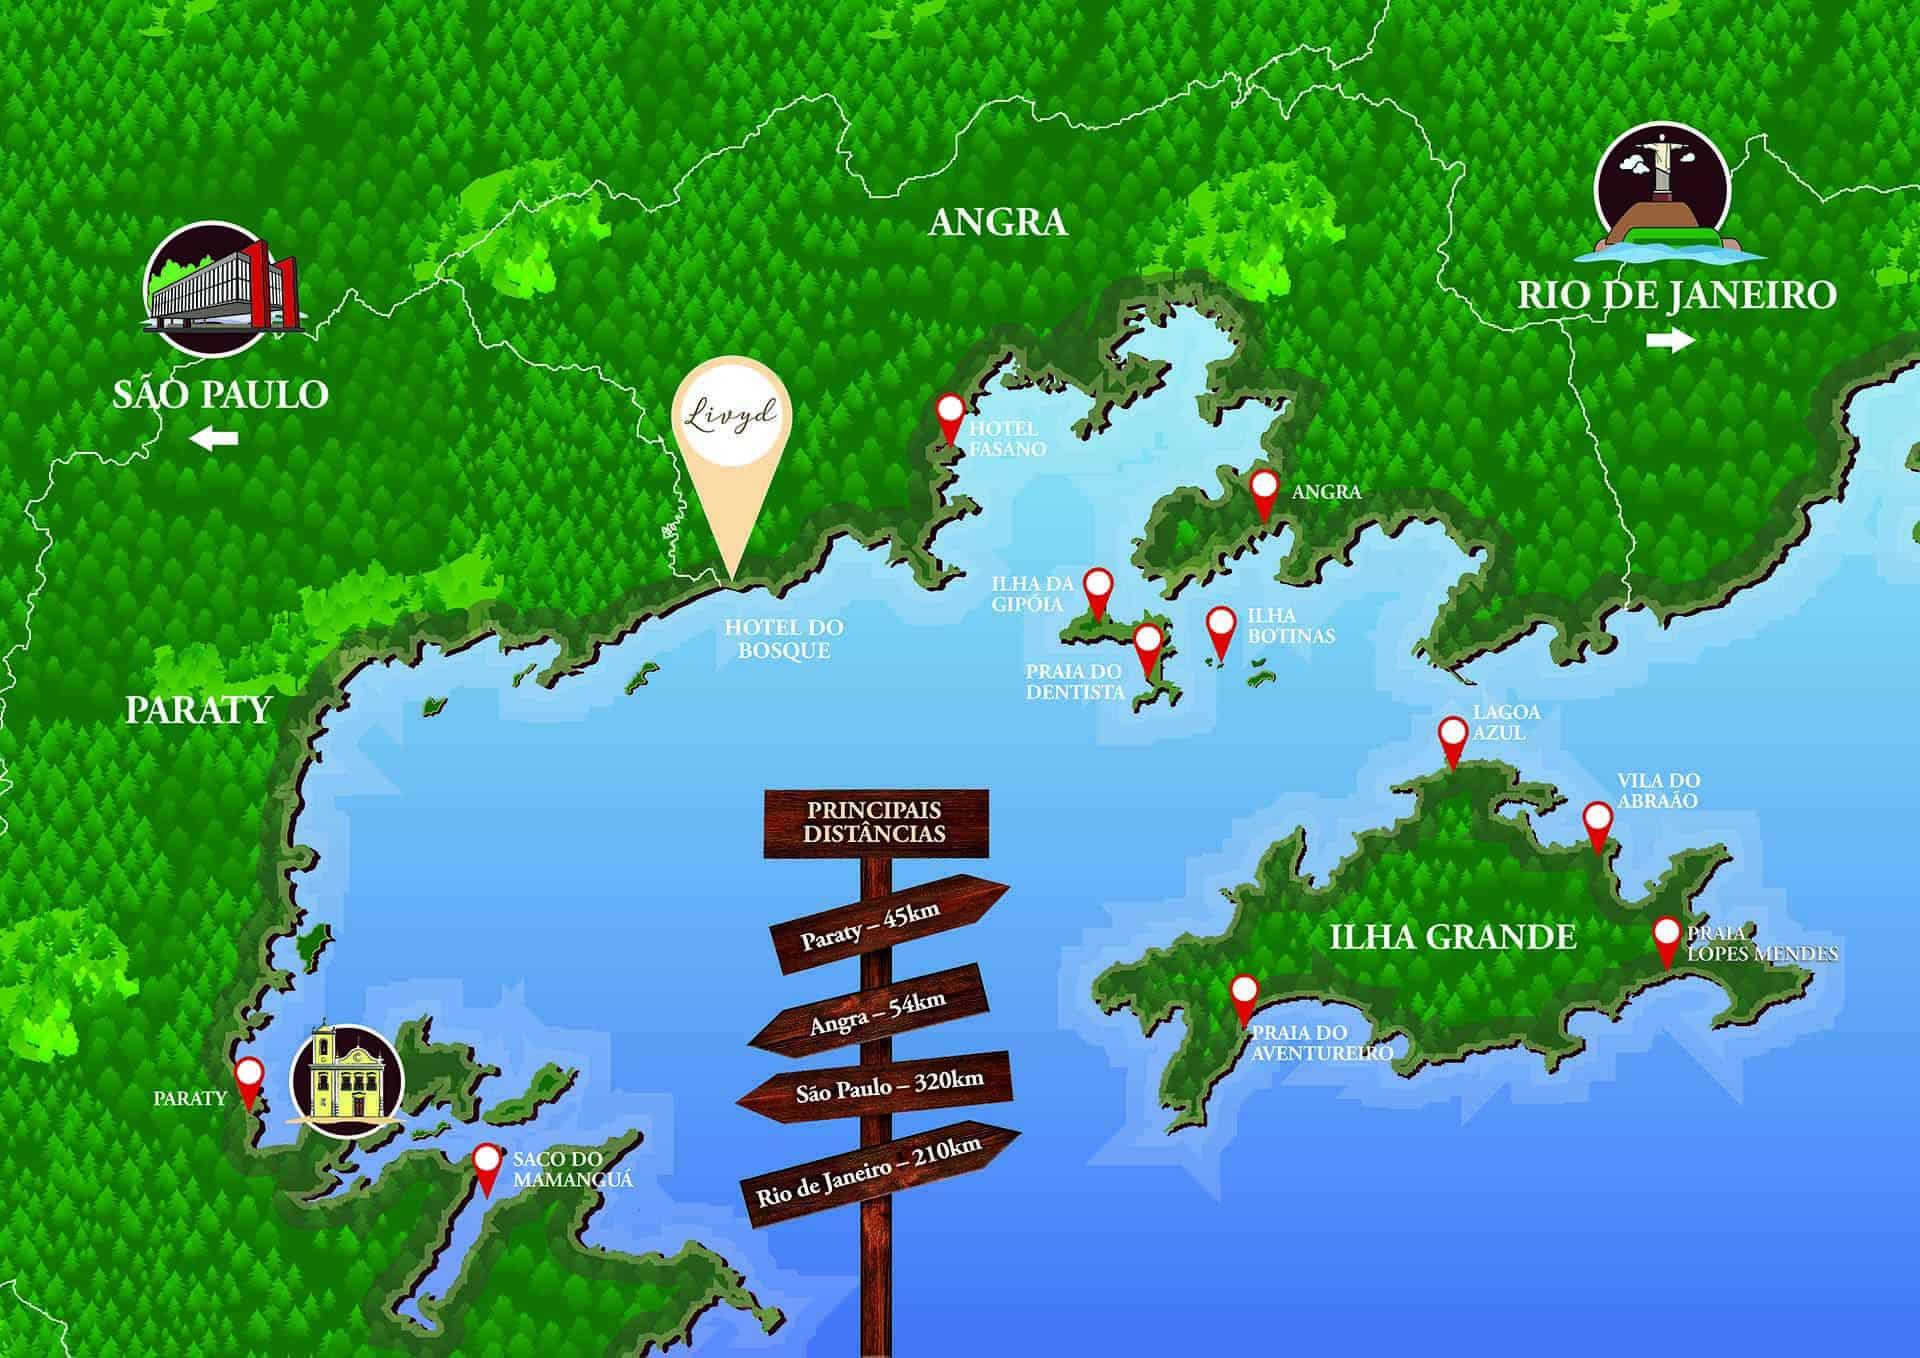 Mapa Endereço Livyd Hotel do Bosque - Angra dos Reis - Rio de Janeiro - RJ